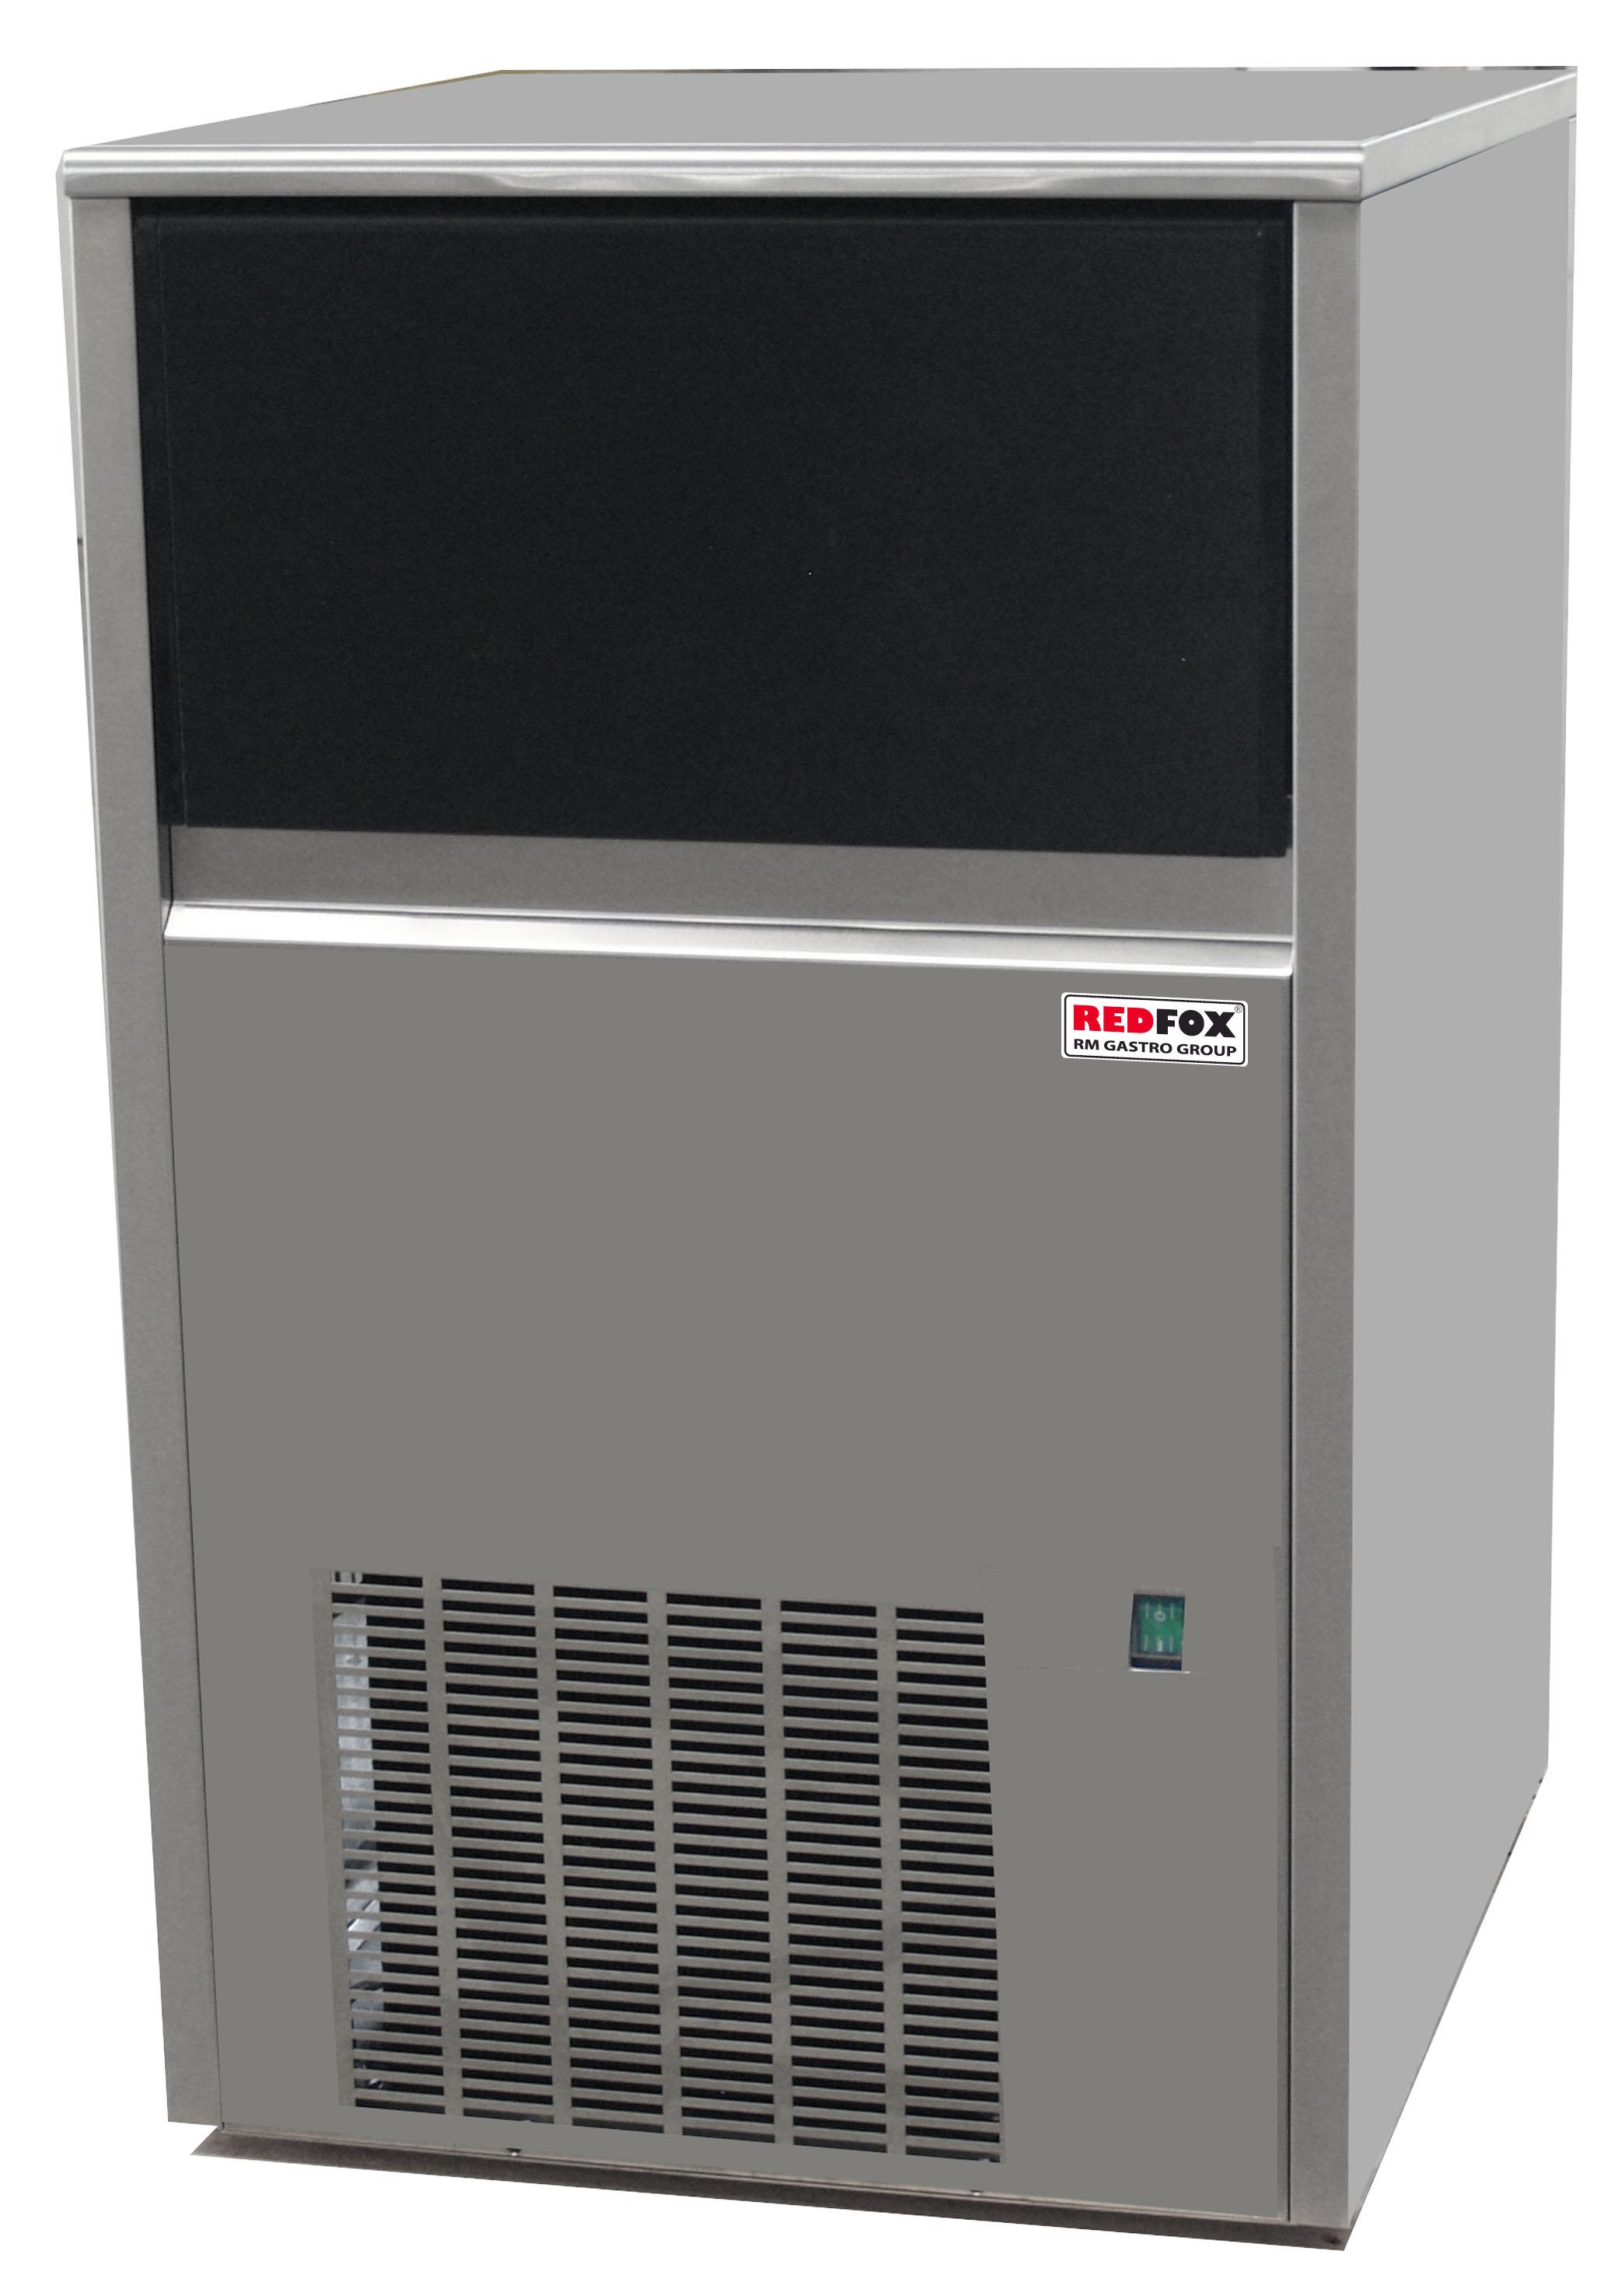 Výrobník ledu SS 60 A chlazení vzduchem REDFOX